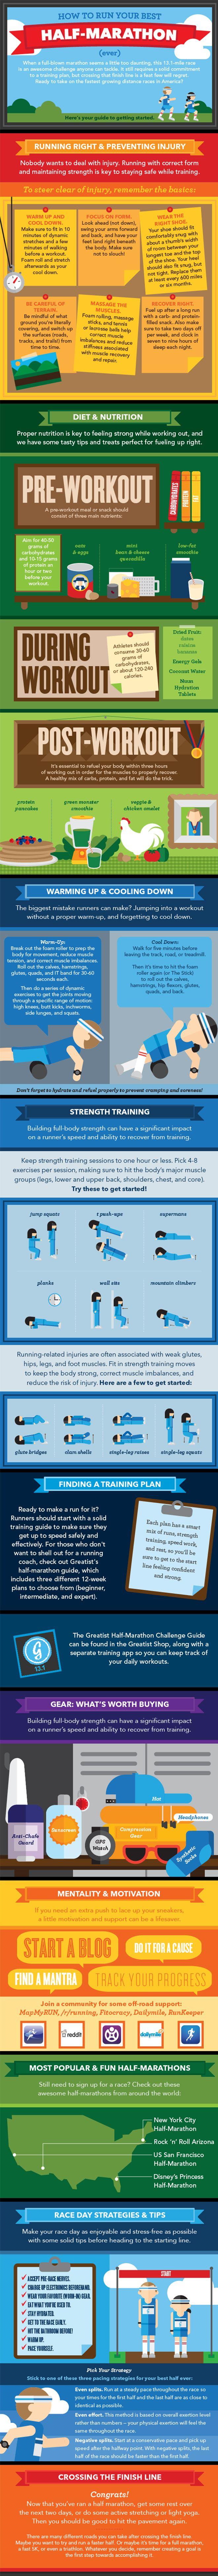 Infographics zijn cool! Nog doper: een infographic die je tips geeft over hoe jij je beste halve-marathon ooit loopt. Denk voeding, training, blessurepreventie, motivatie en gear. The whole shebang en dan ook nog op een super coole manier geïllustreerd! #hardlopen #running